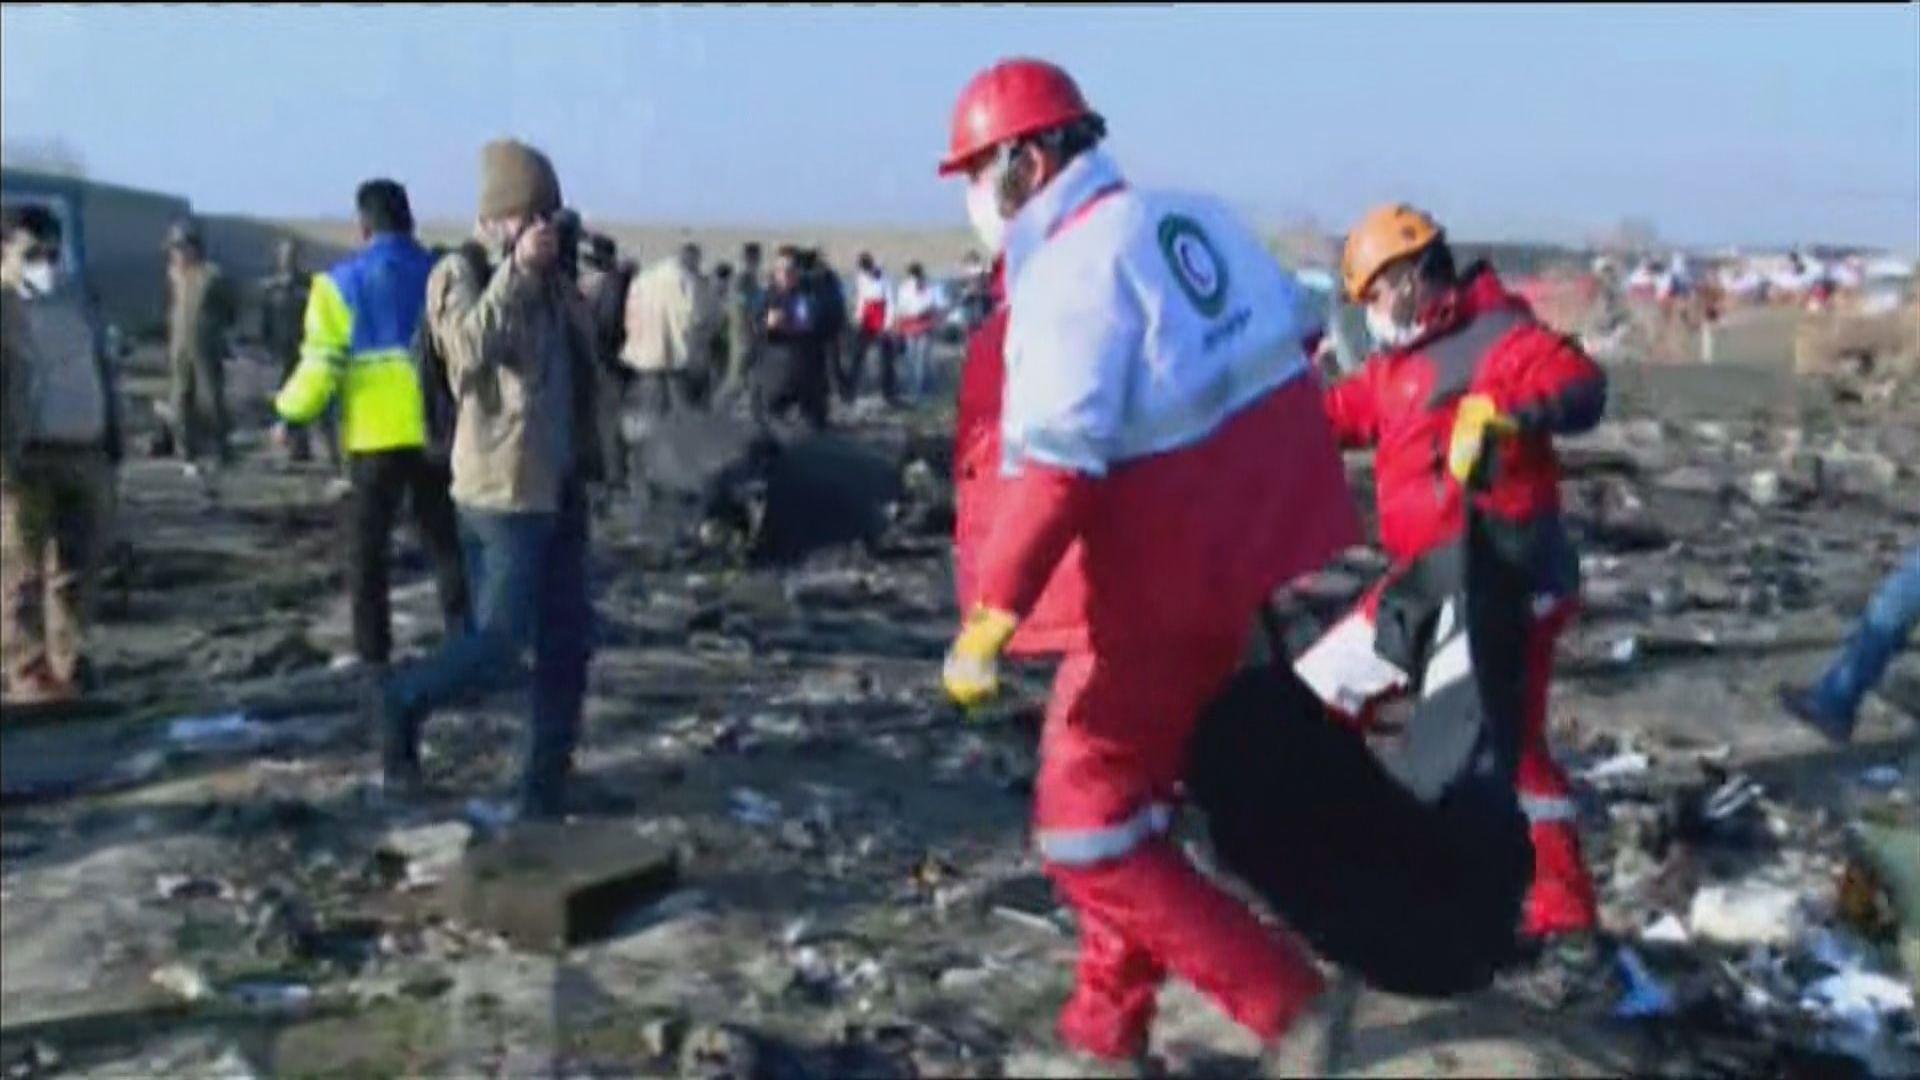 烏克蘭客機於伊朗墜毀 機上176人全部罹難